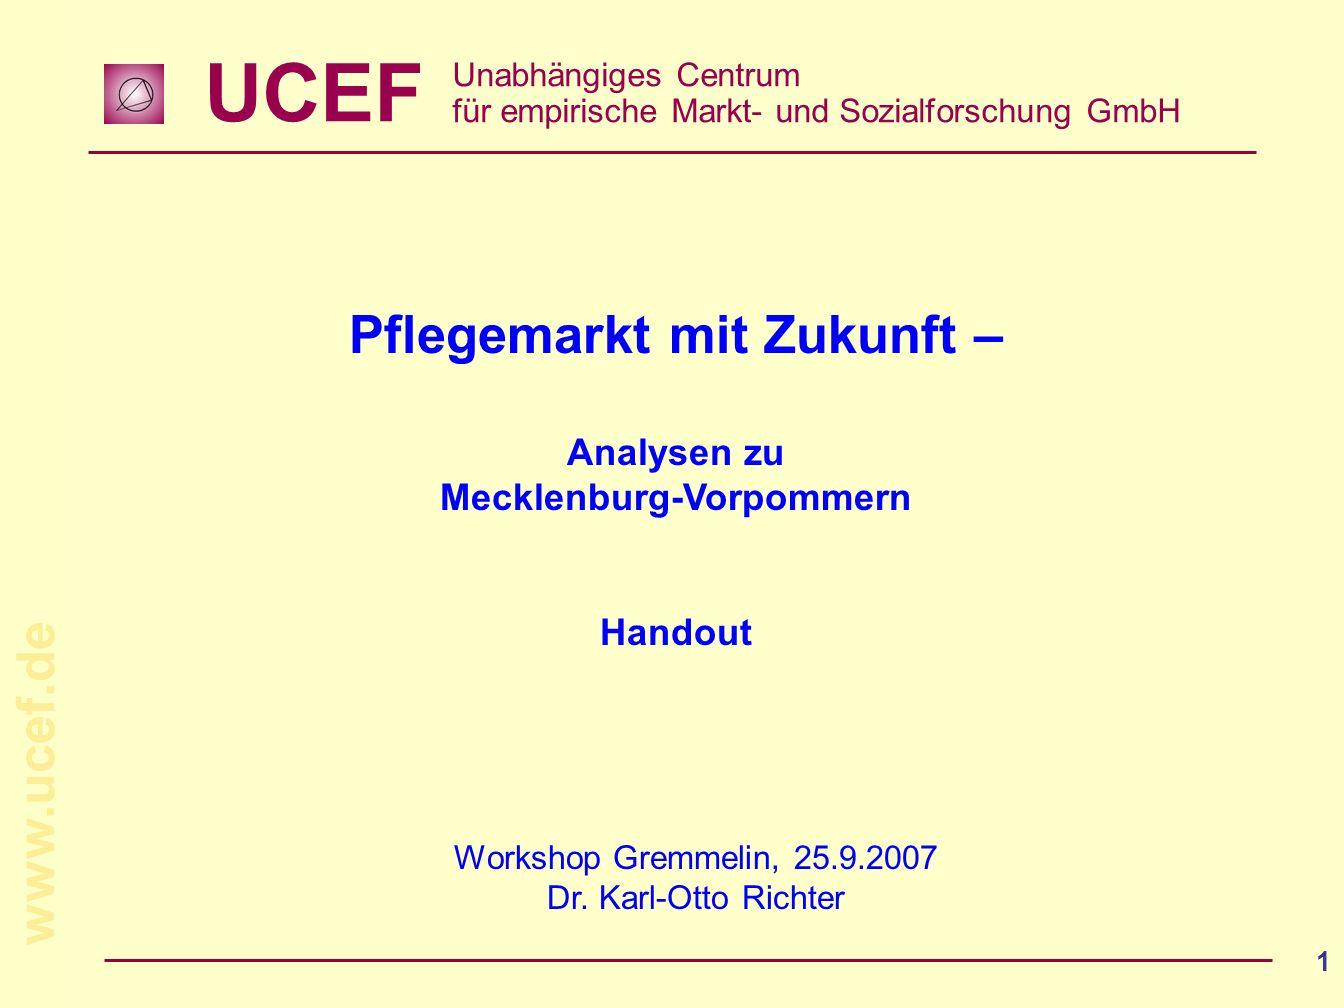 Pflegemarkt mit Zukunft – Mecklenburg-Vorpommern